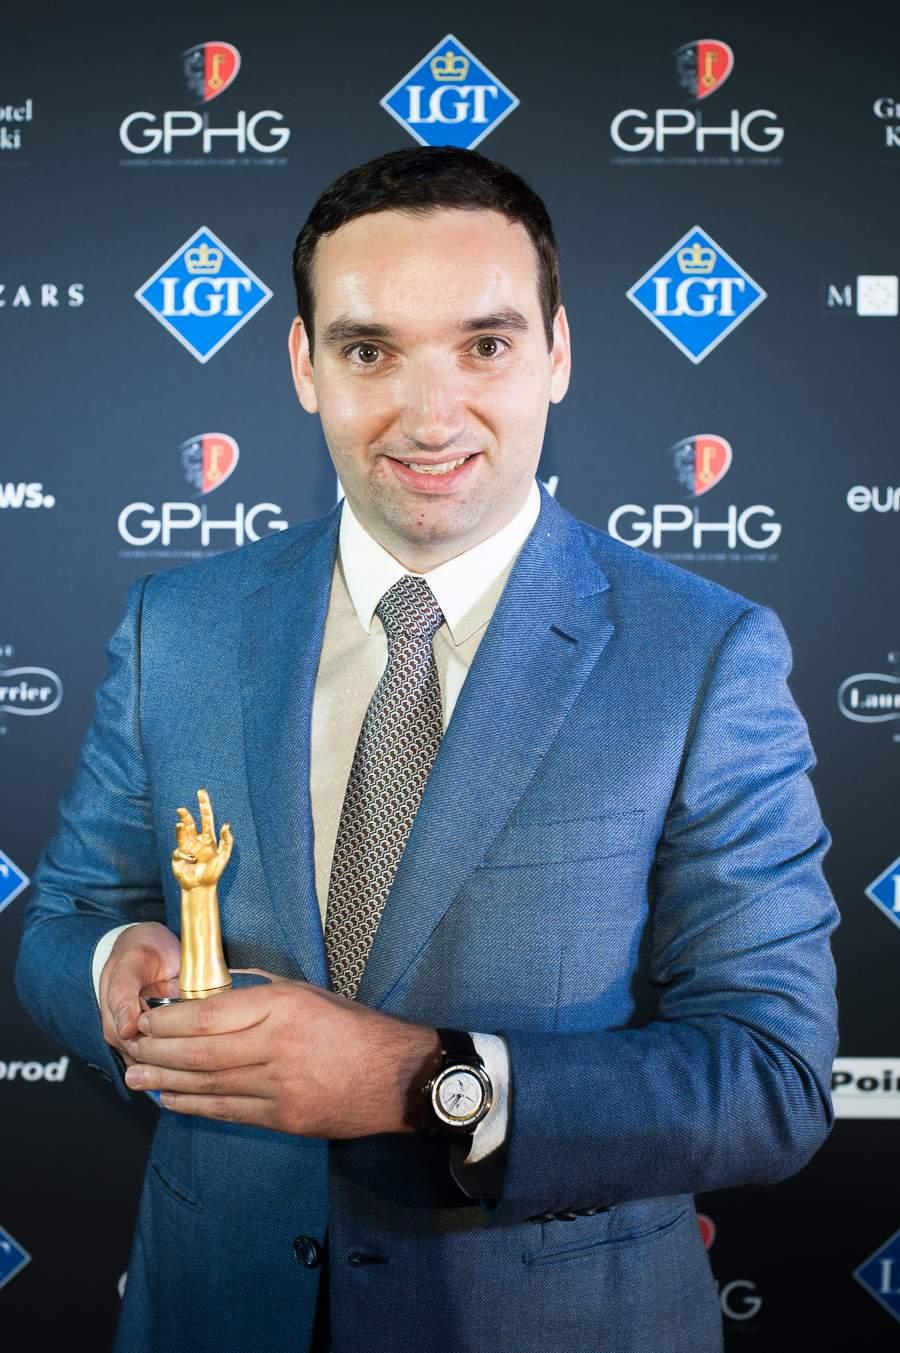 Rémi Maillat, Founder of Krayon, winner of the Innovation Prize 2018